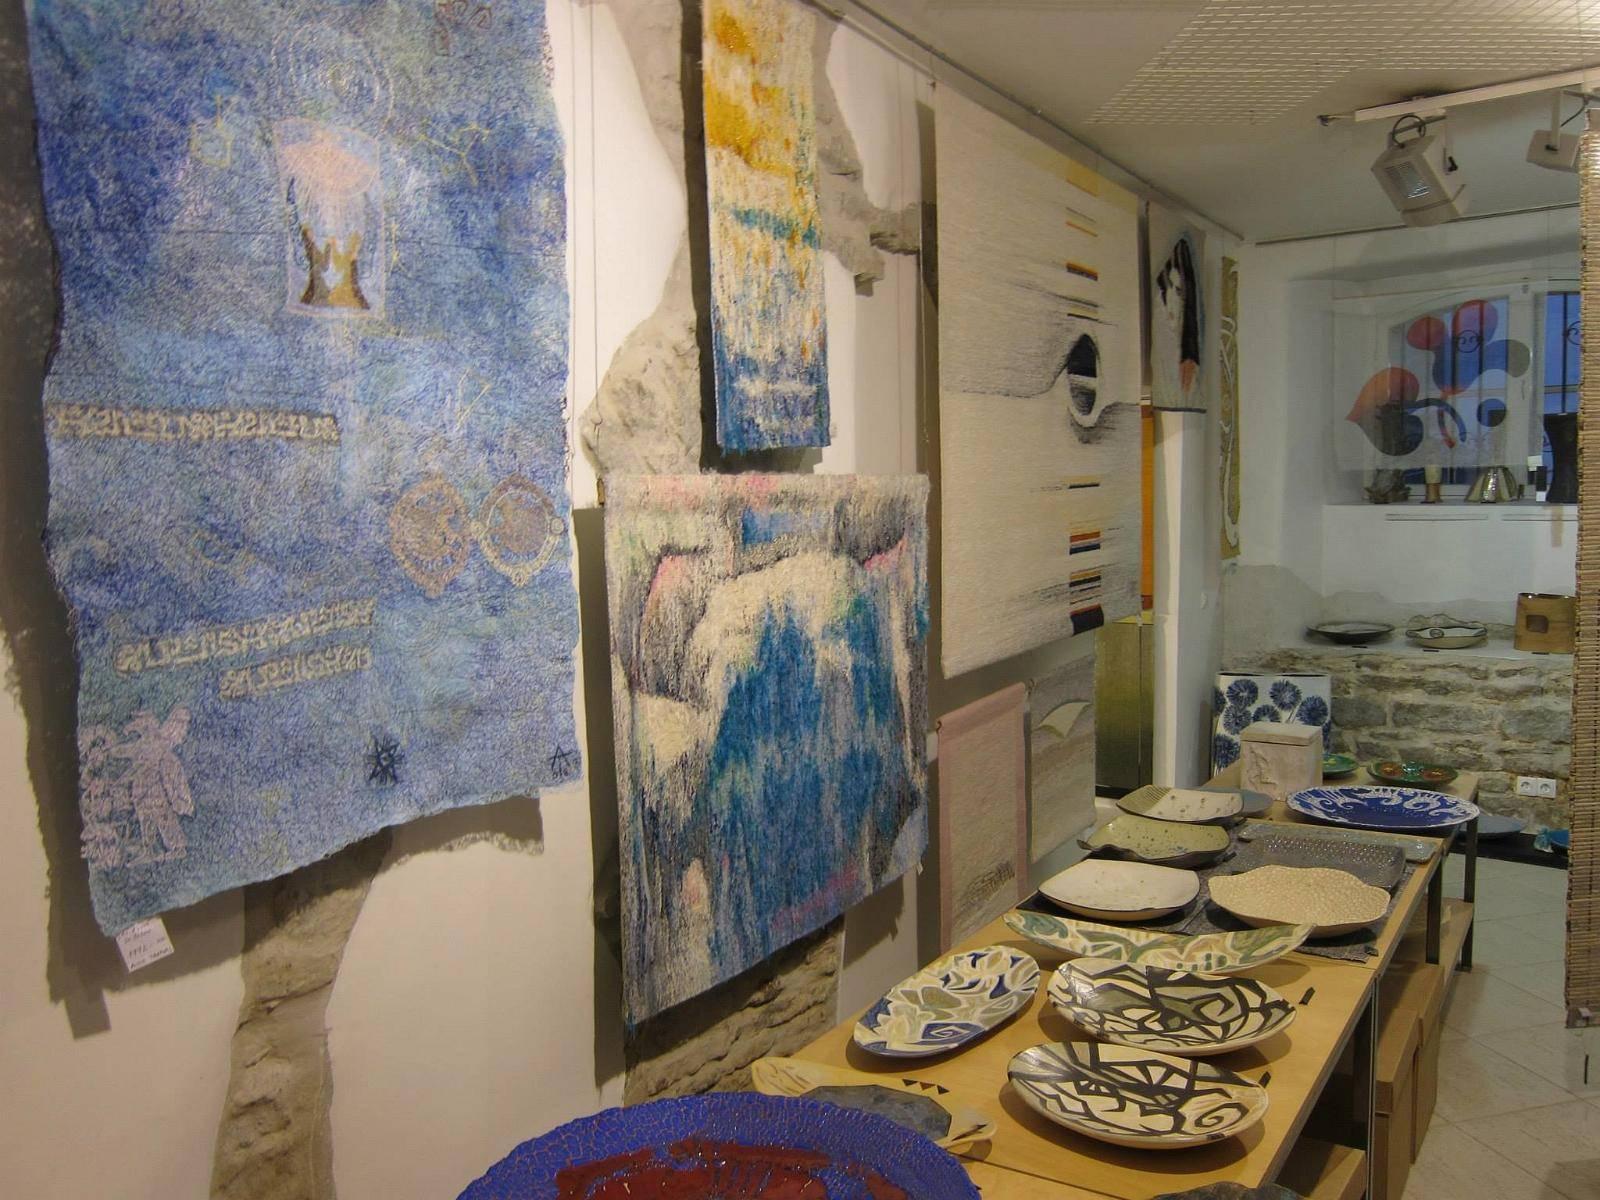 Lühikese Jala Gallery in Tallinn,Estonia